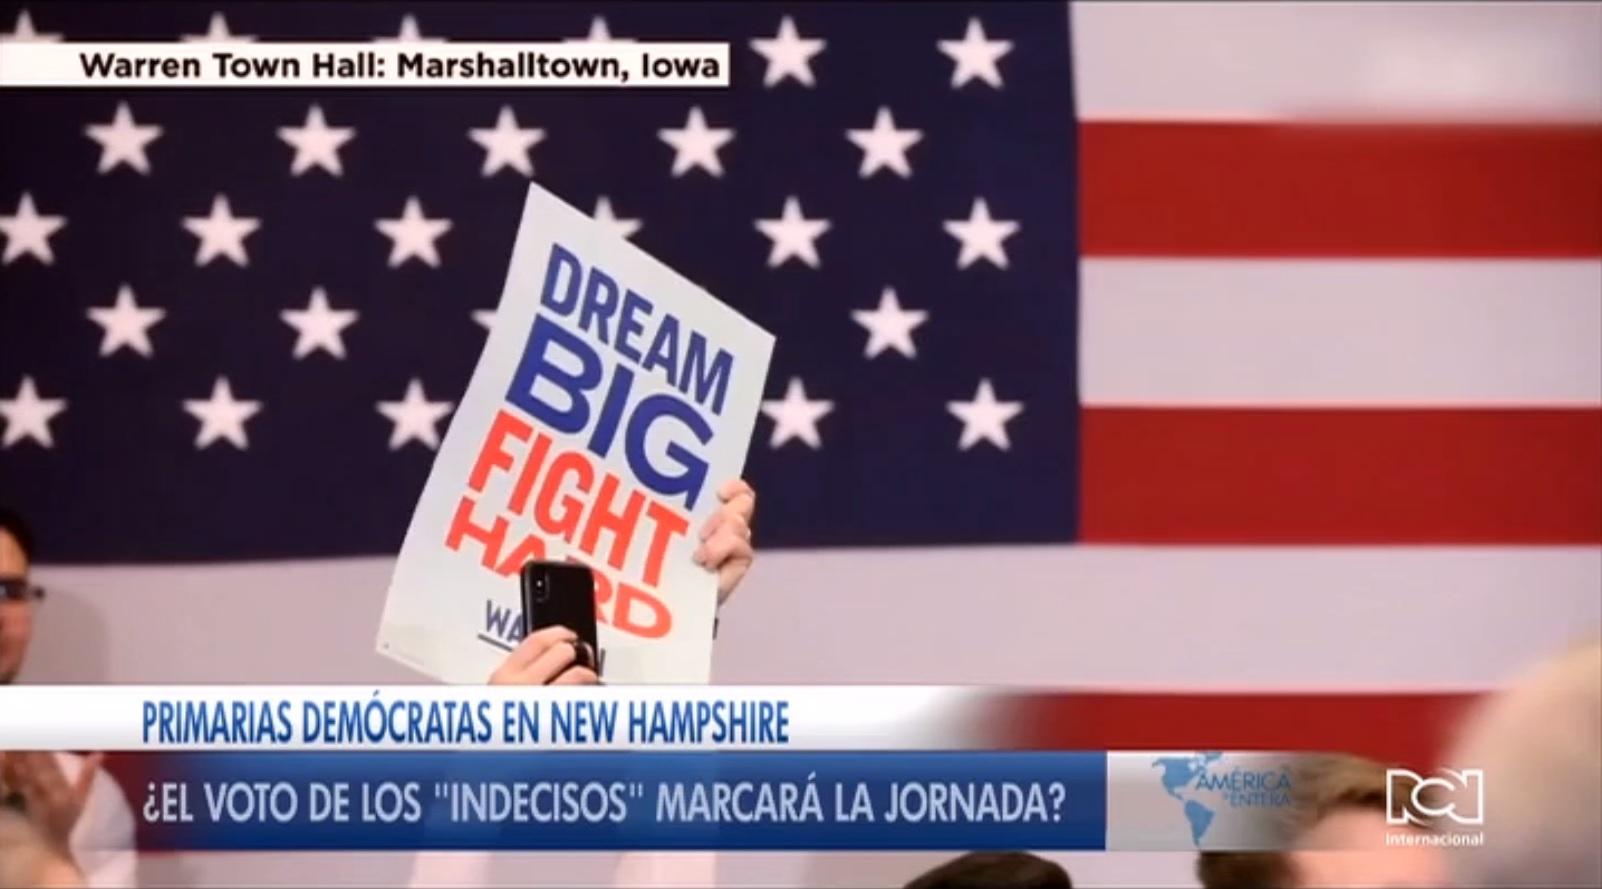 """Precandidatos demócratas buscan el voto de los """"indecisos"""" en New Hampshire"""